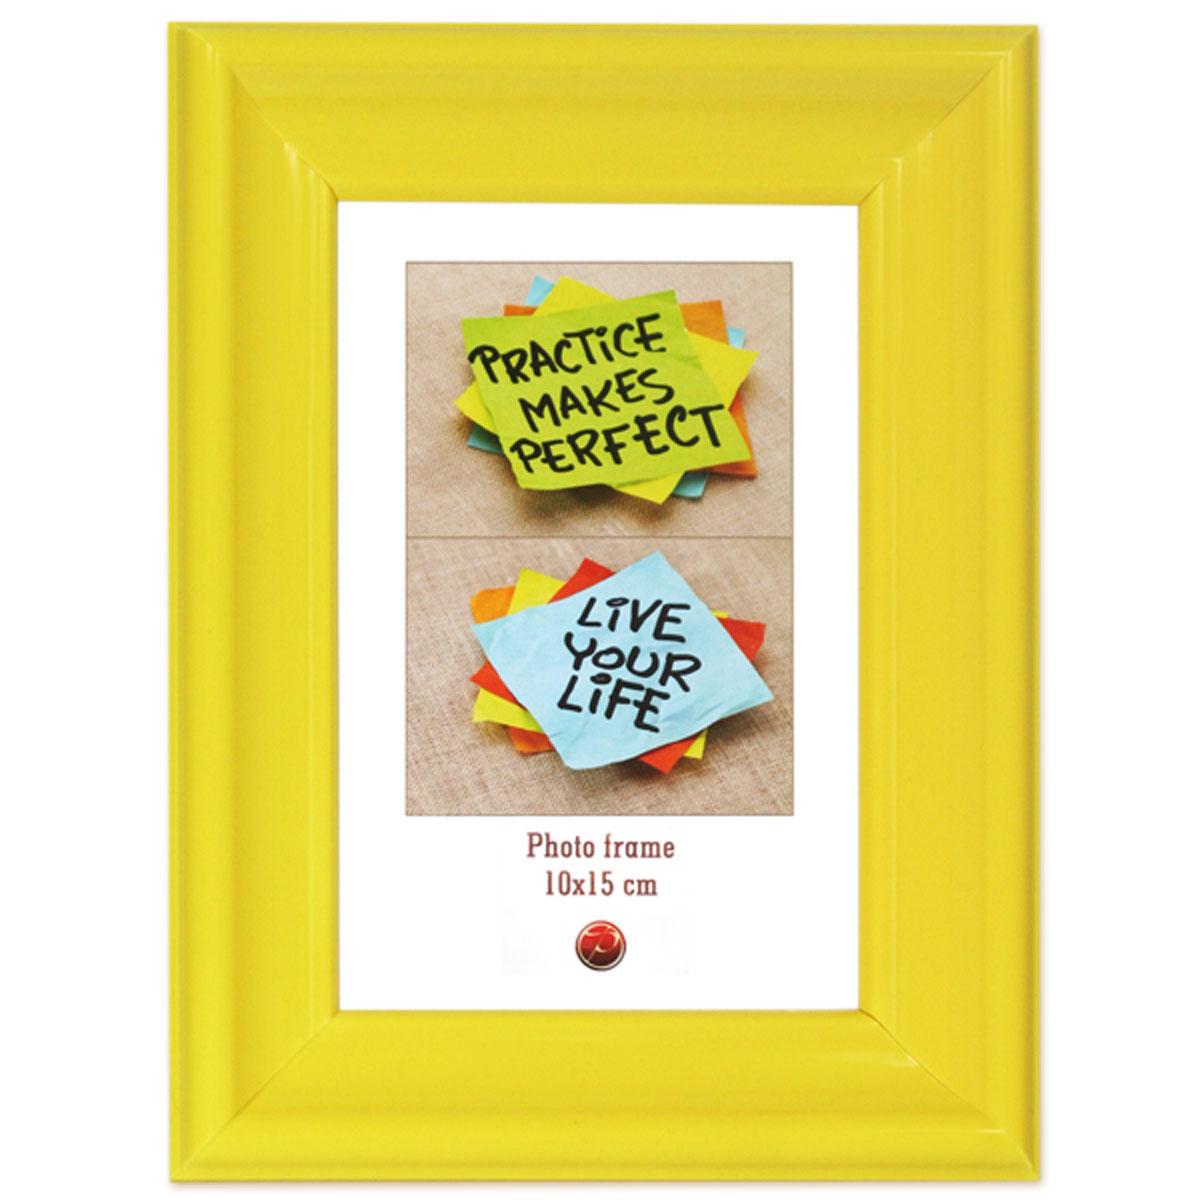 Фоторамка Pioneer Rainbow, цвет: желтый, 10 x 15 см16943 PD06_желтыйФоторамка Pioneer Rainbow выполнена из пластика и стекла, защищающего фотографию. Оборотная сторона рамки оснащена специальной ножкой, благодаря которой ее можно поставить на стол или любое другое место в доме или офисе. Также изделие оснащено специальными отверстиями для подвешивания на стену.Такая фоторамка поможет вам оригинально и стильно дополнить интерьер помещения, а также позволит сохранить память о дорогих вам людях и интересных событиях вашей жизни.